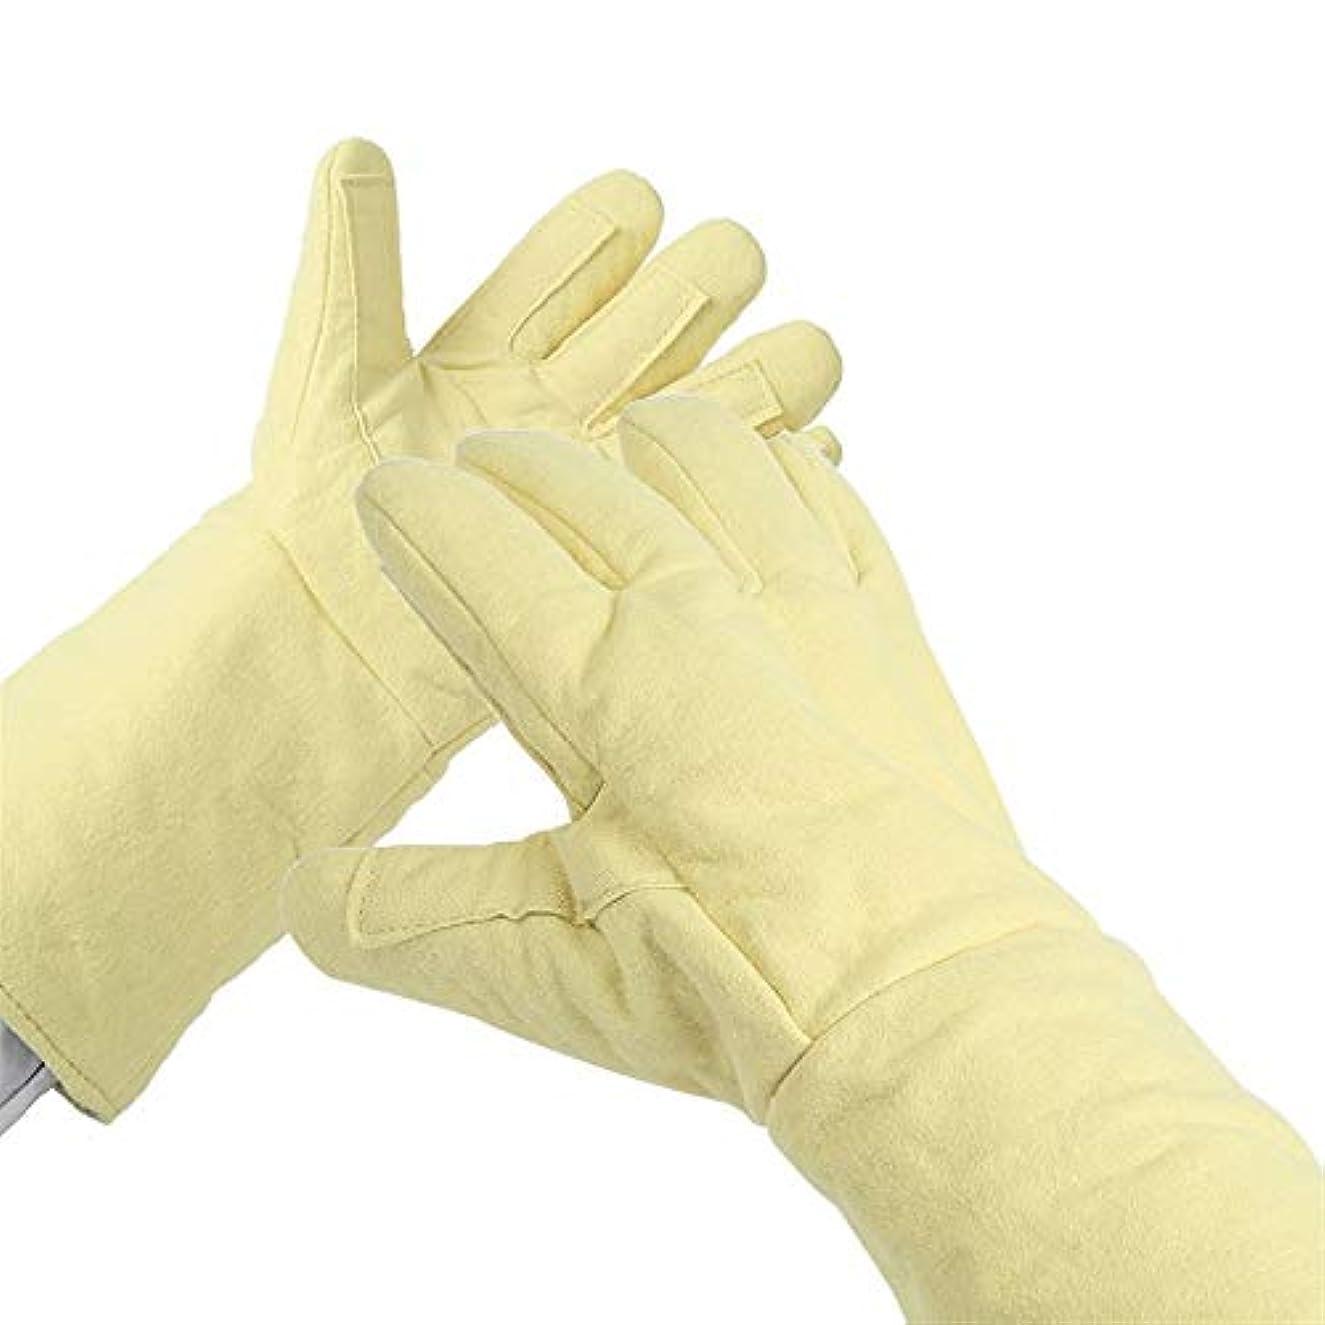 タイル年金受給者急流BTXXYJP 高温耐性 手袋 アンチカッティング ハンド 穿刺 保護 産業労働者 耐摩耗性 手袋 (Color : Yellow, Size : L)